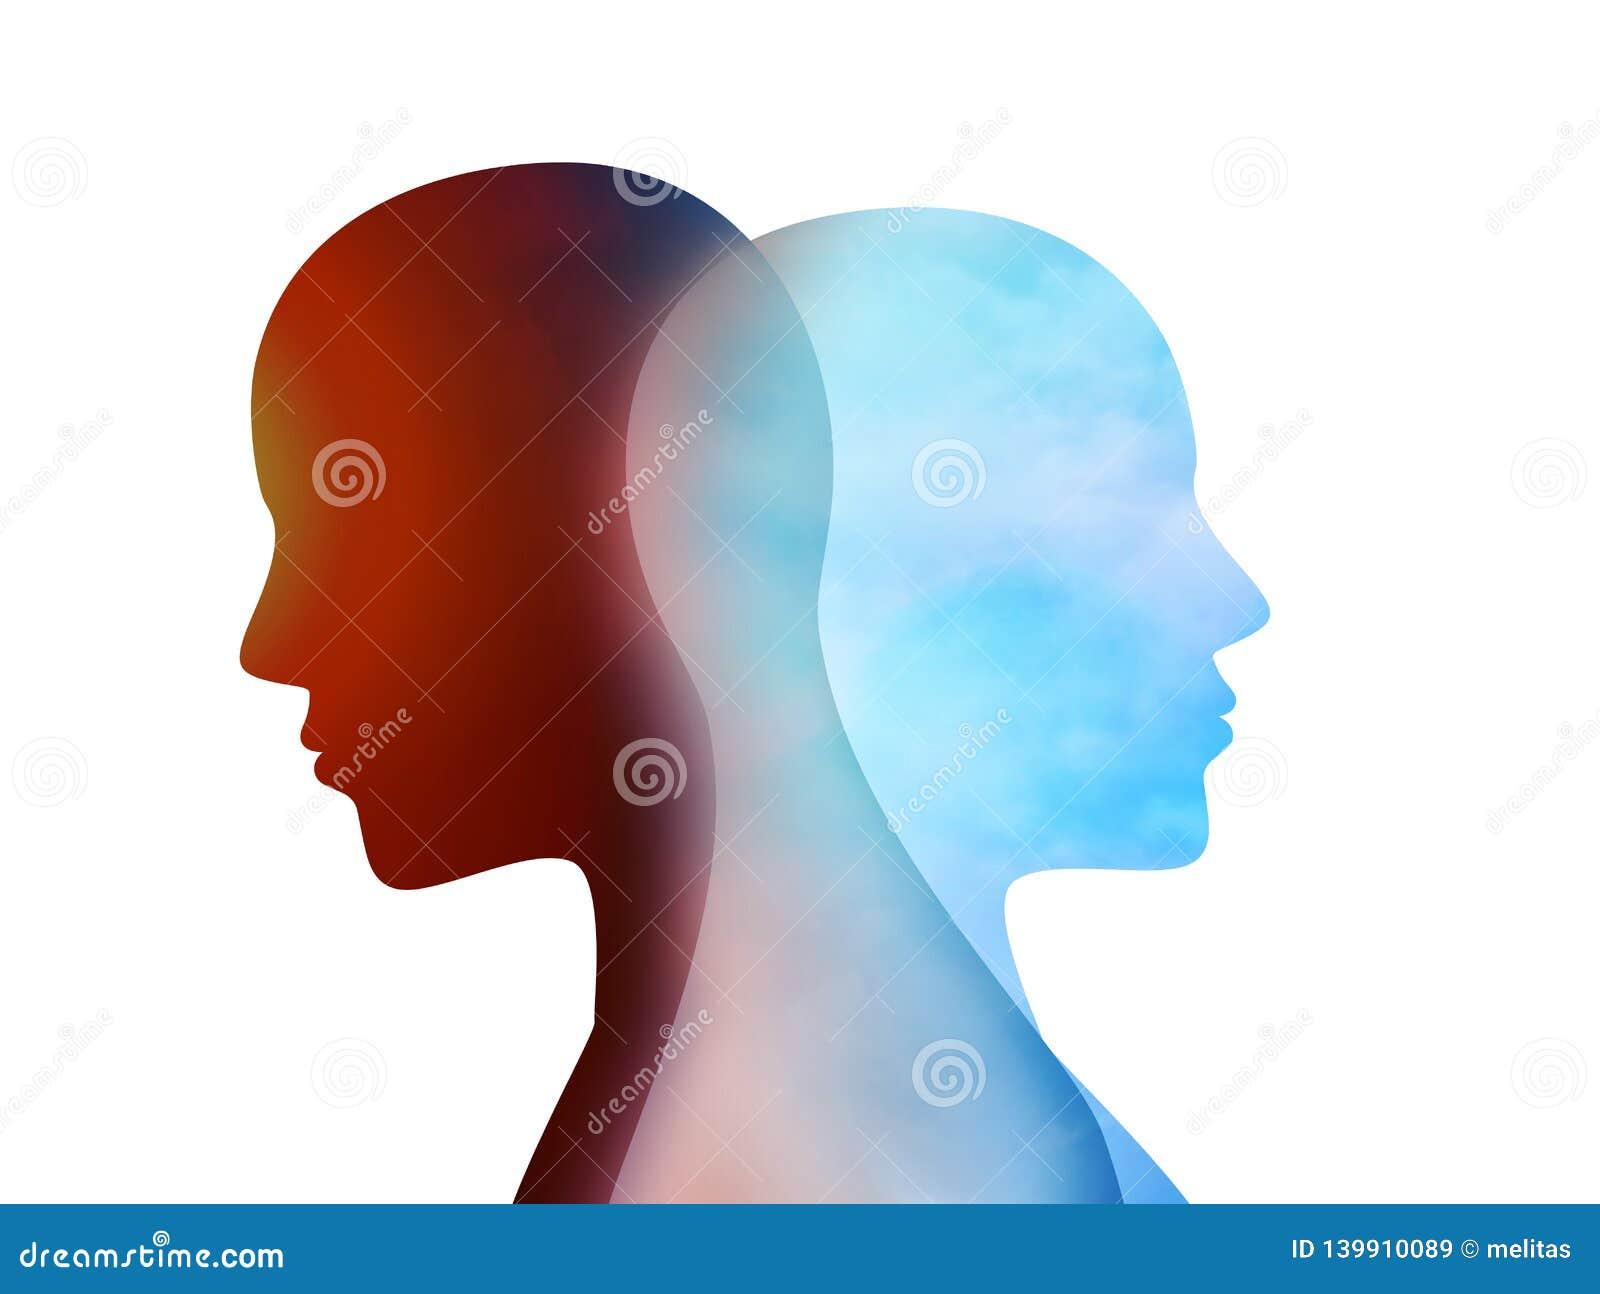 Pojęcie zmiana nastrój emocje Dwubiegunowego nieładu umysł umysłowy Rozszczepiona osobowość twarzy podwójna dziewczyna ja osobowo